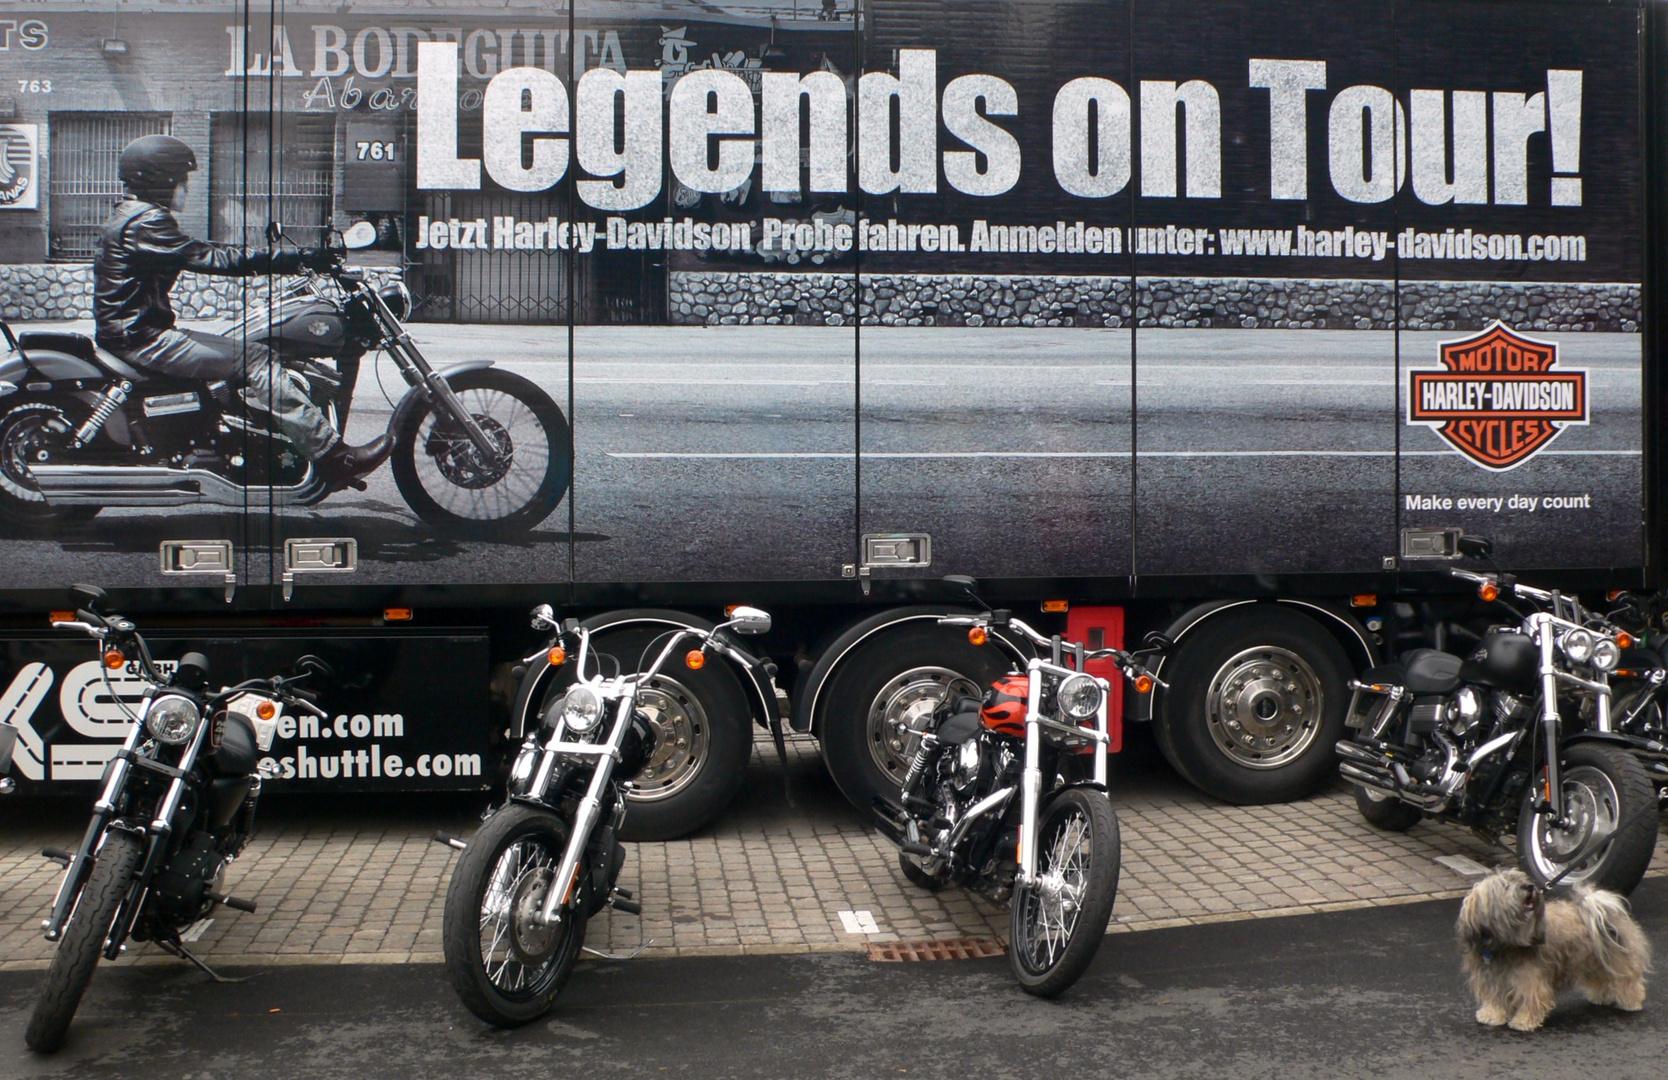 Wollen wir ne Runde Harley fahren?